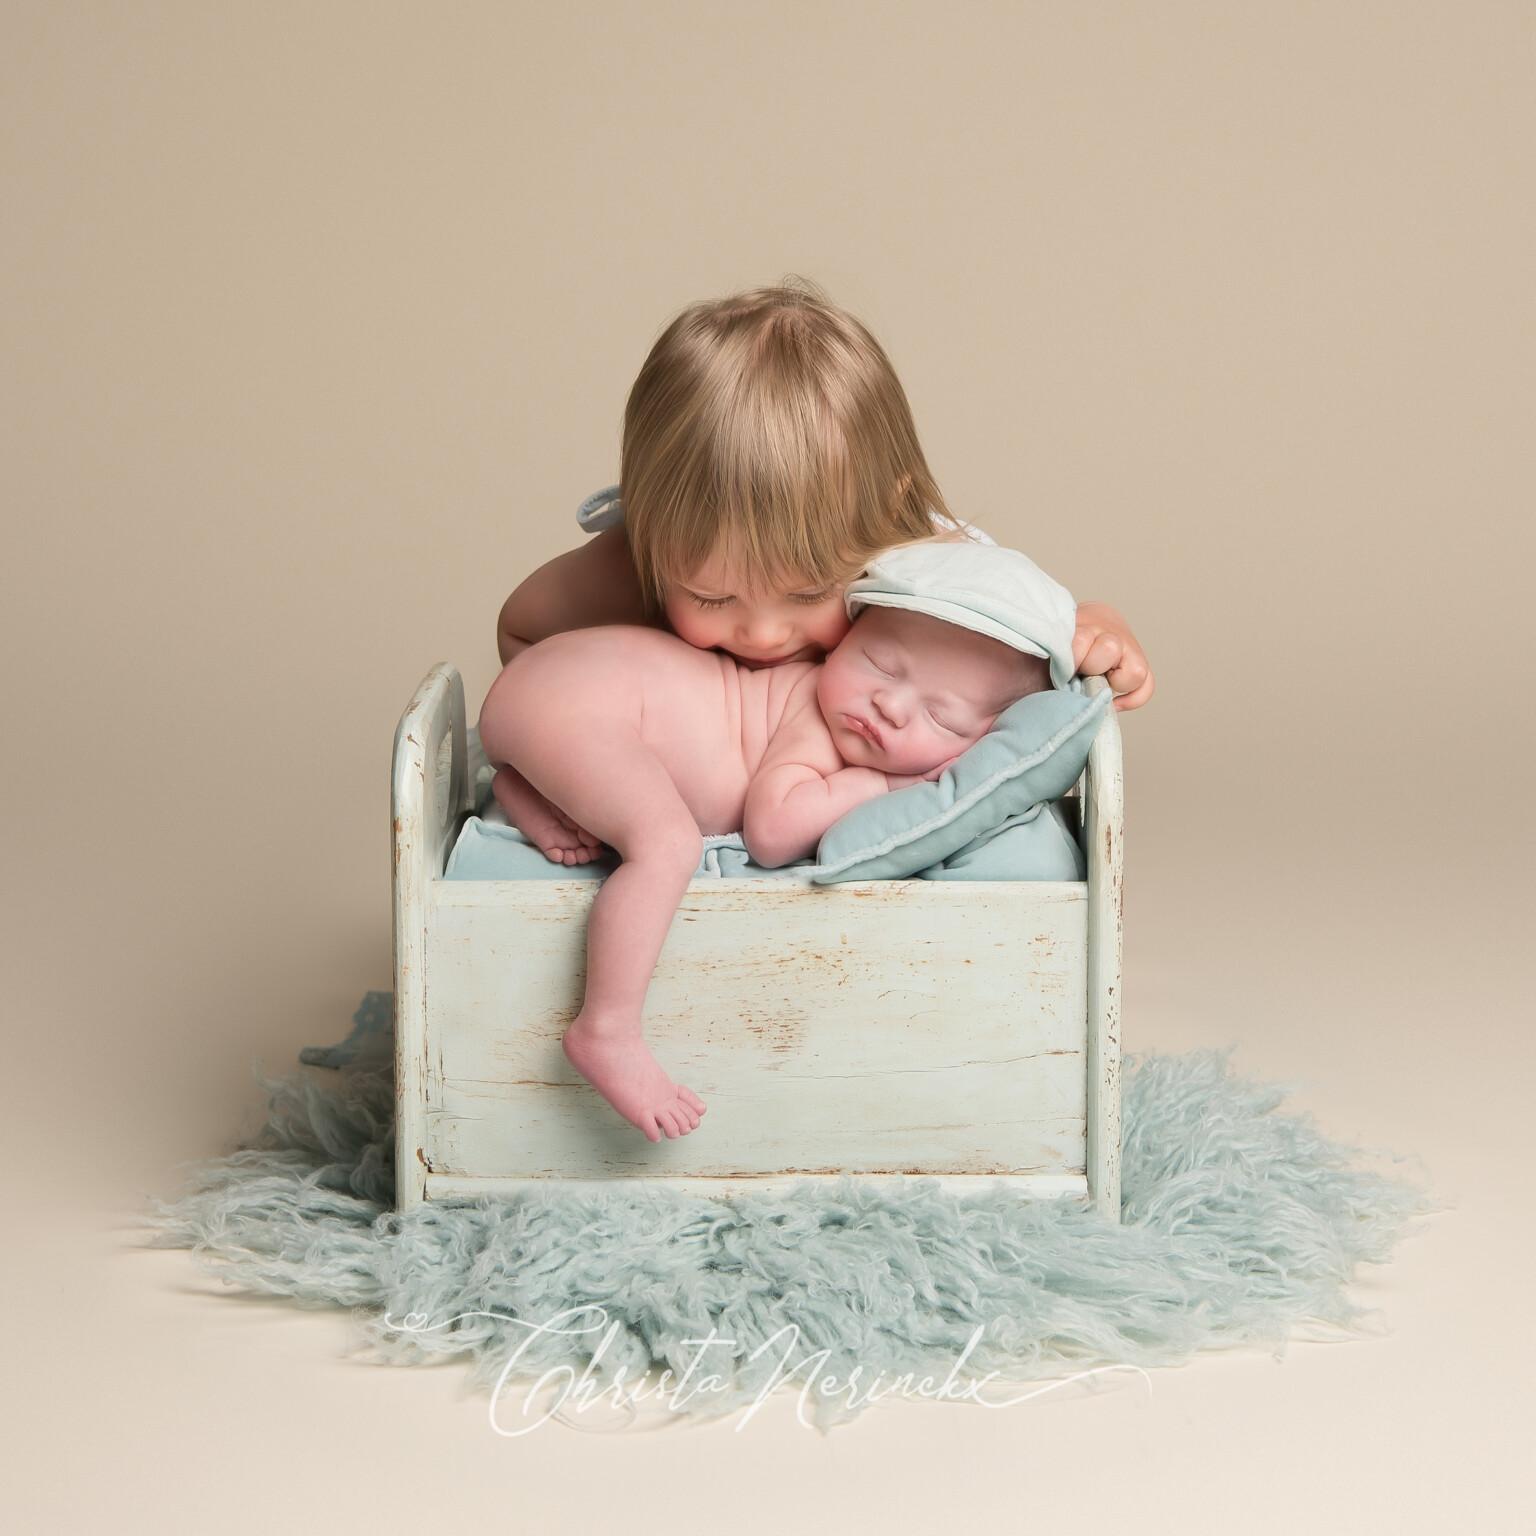 christanerinckx_newbornfotografie-14